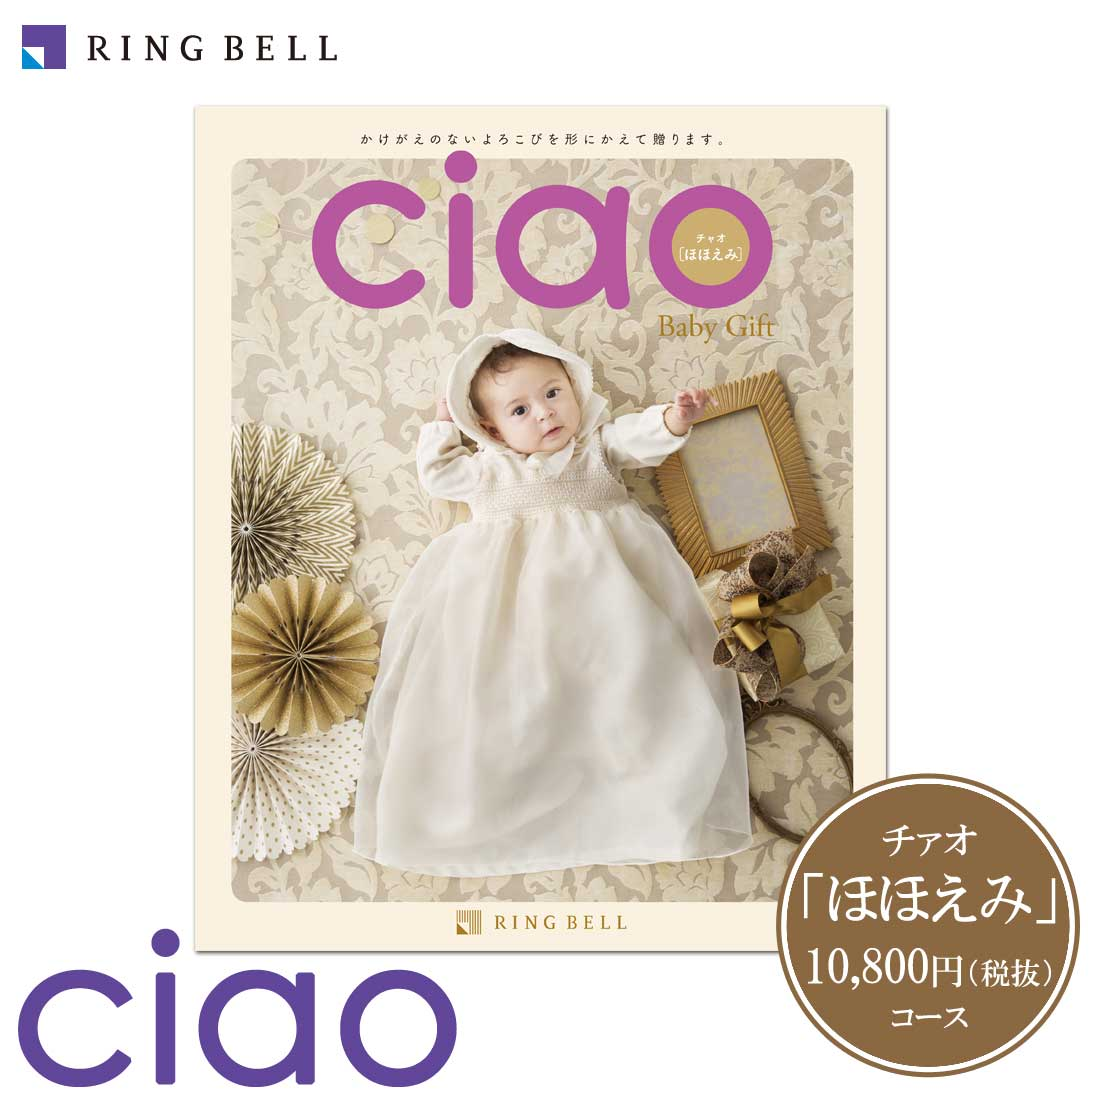 カタログギフト チャオ 「ほほえみ」10,800円コース/赤ちゃんのご誕生・ご出産内祝い/ちゃお